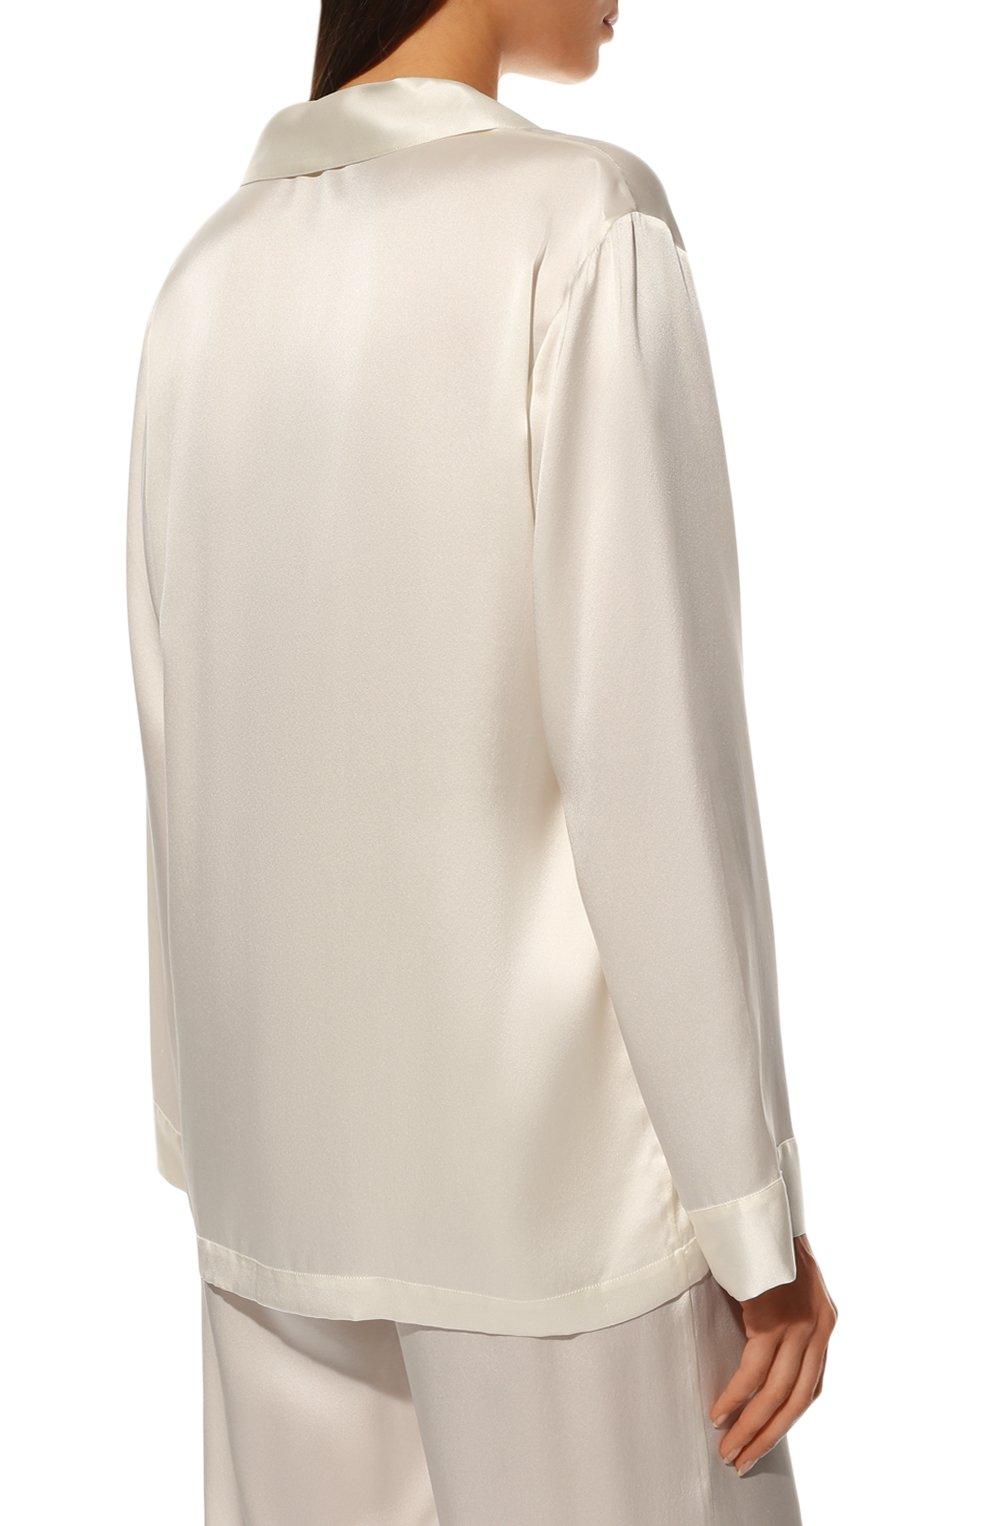 Женская шелковая пижама LUNA DI SETA белого цвета, арт. VLST08007 | Фото 4 (Материал внешний: Шелк; Рукава: Длинные; Длина Ж (юбки, платья, шорты): Мини; Длина (брюки, джинсы): Стандартные; Длина (для топов): Стандартные)